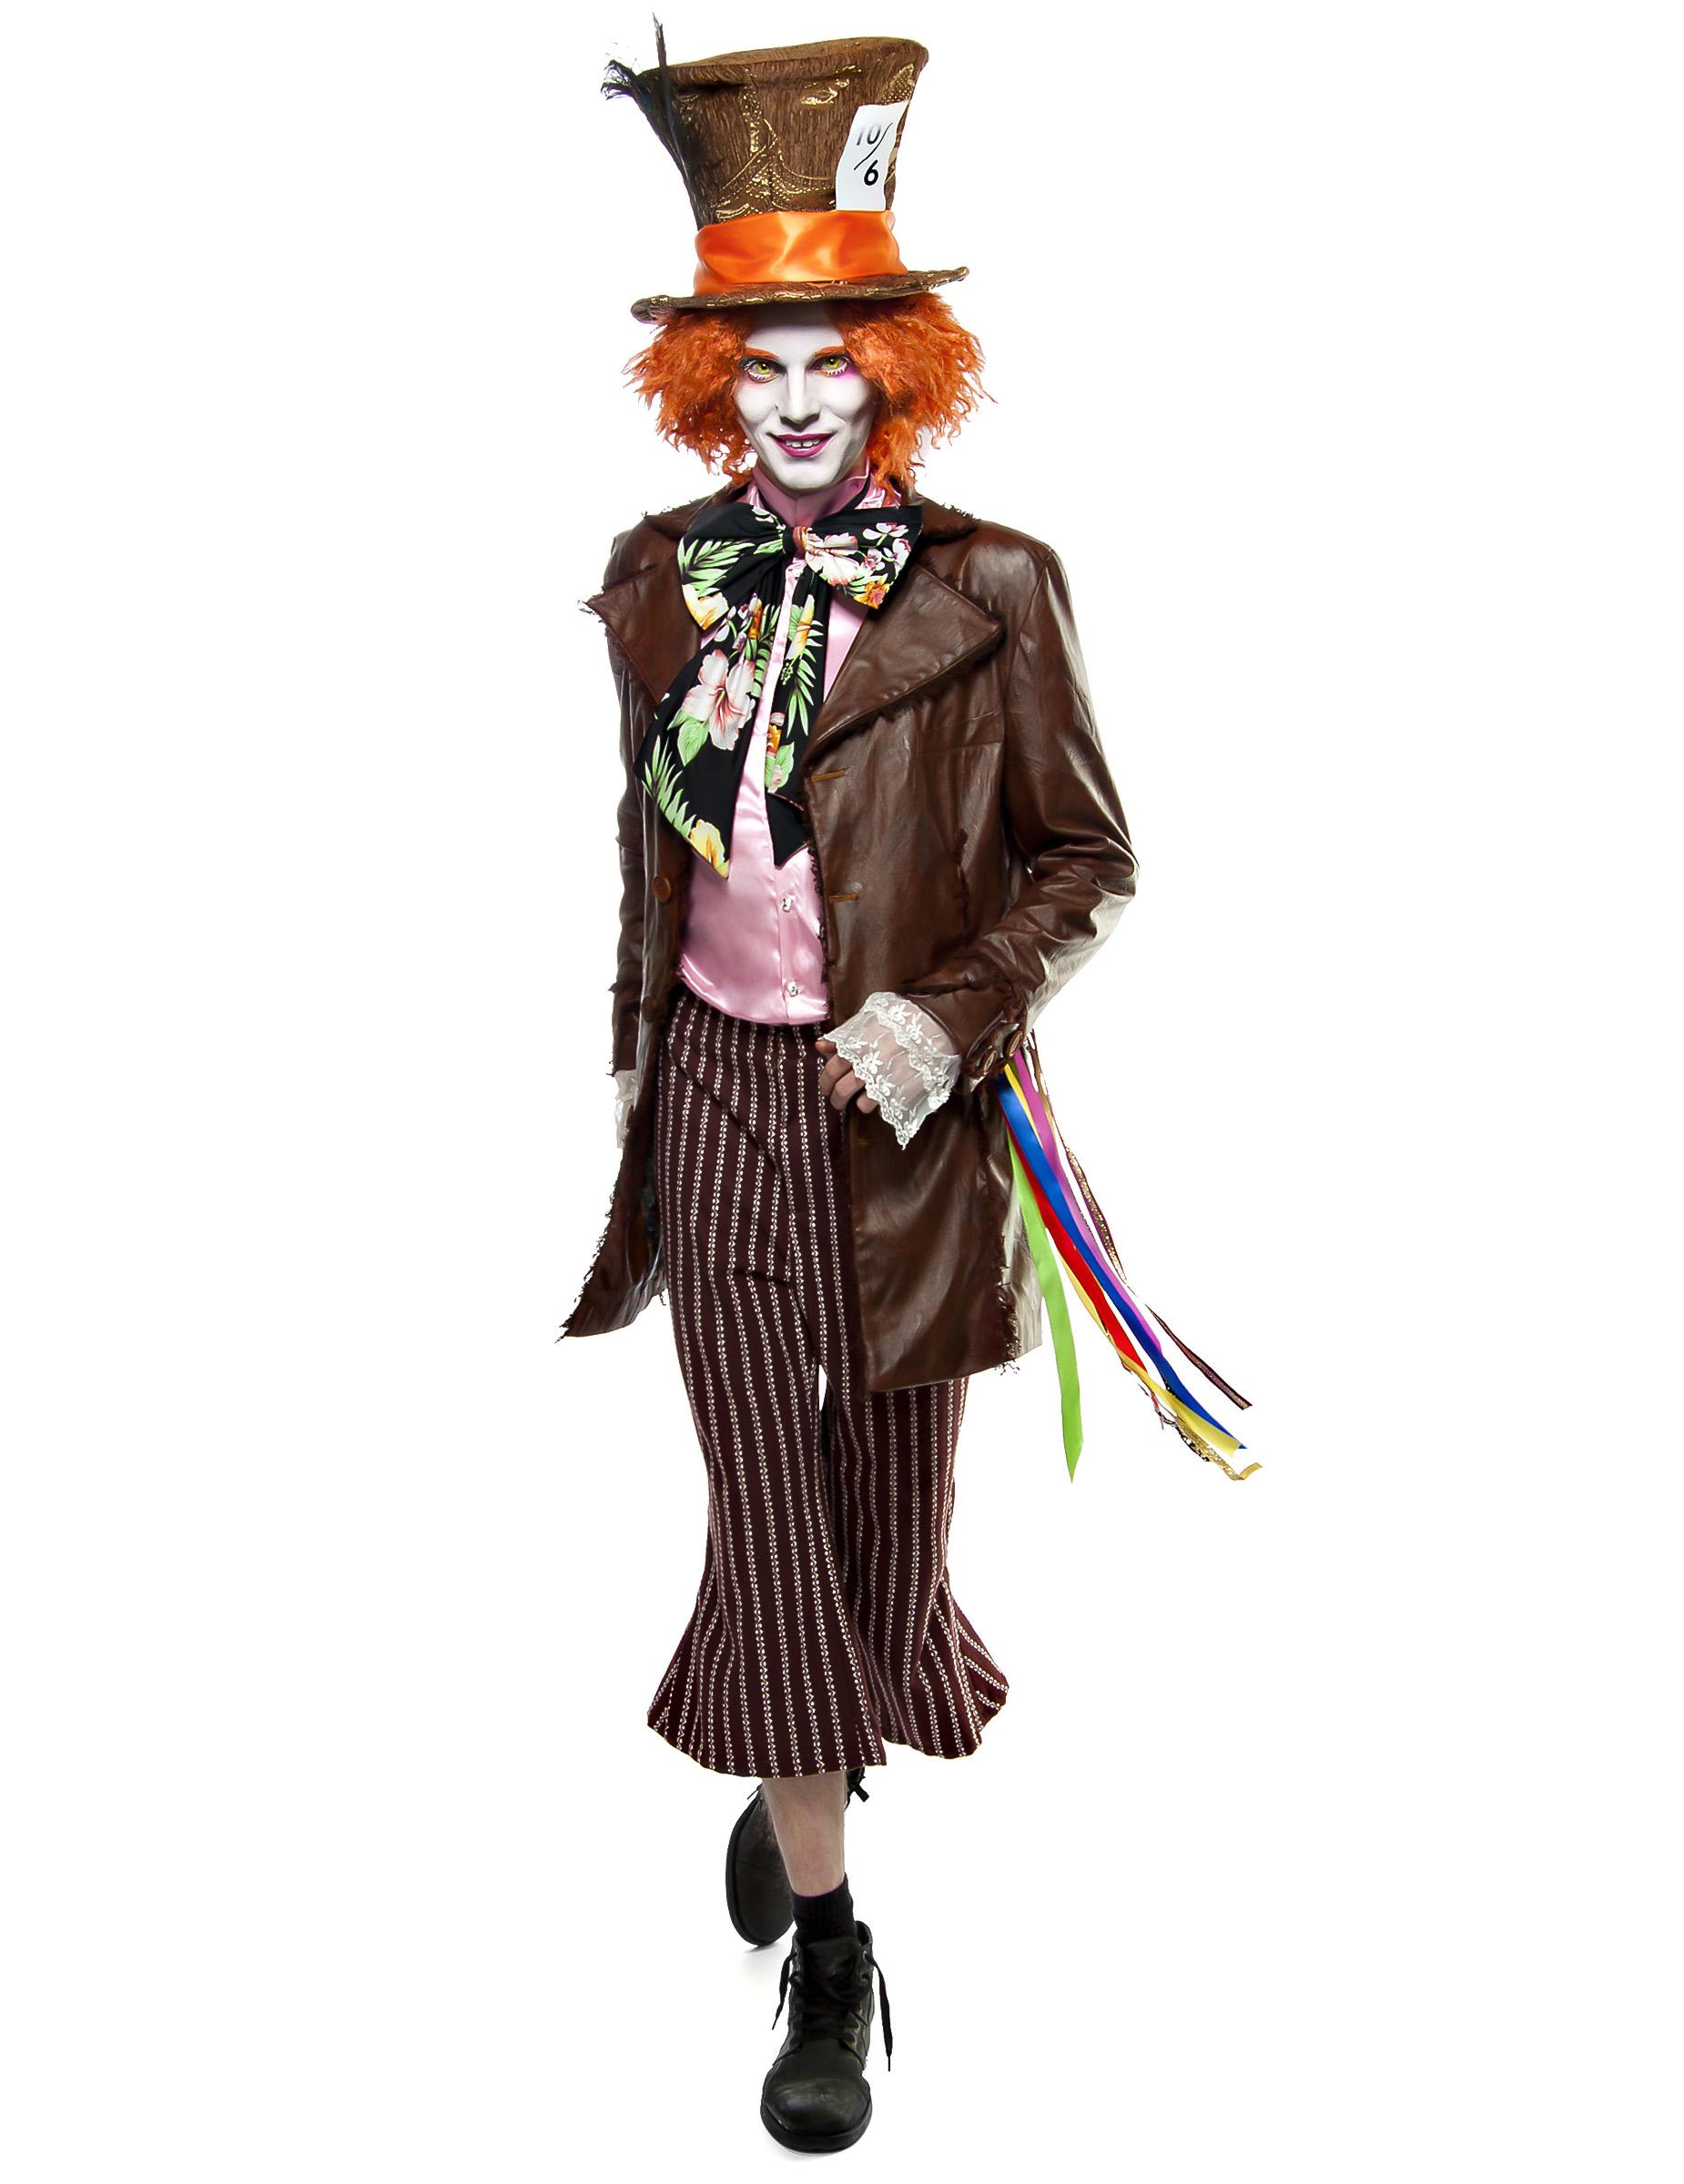 exquisites Design klare Textur akzeptabler Preis Extravaganter Hutmacher-Kostüm für Herren mit Perücke Faschingskostüm  braun-bunt